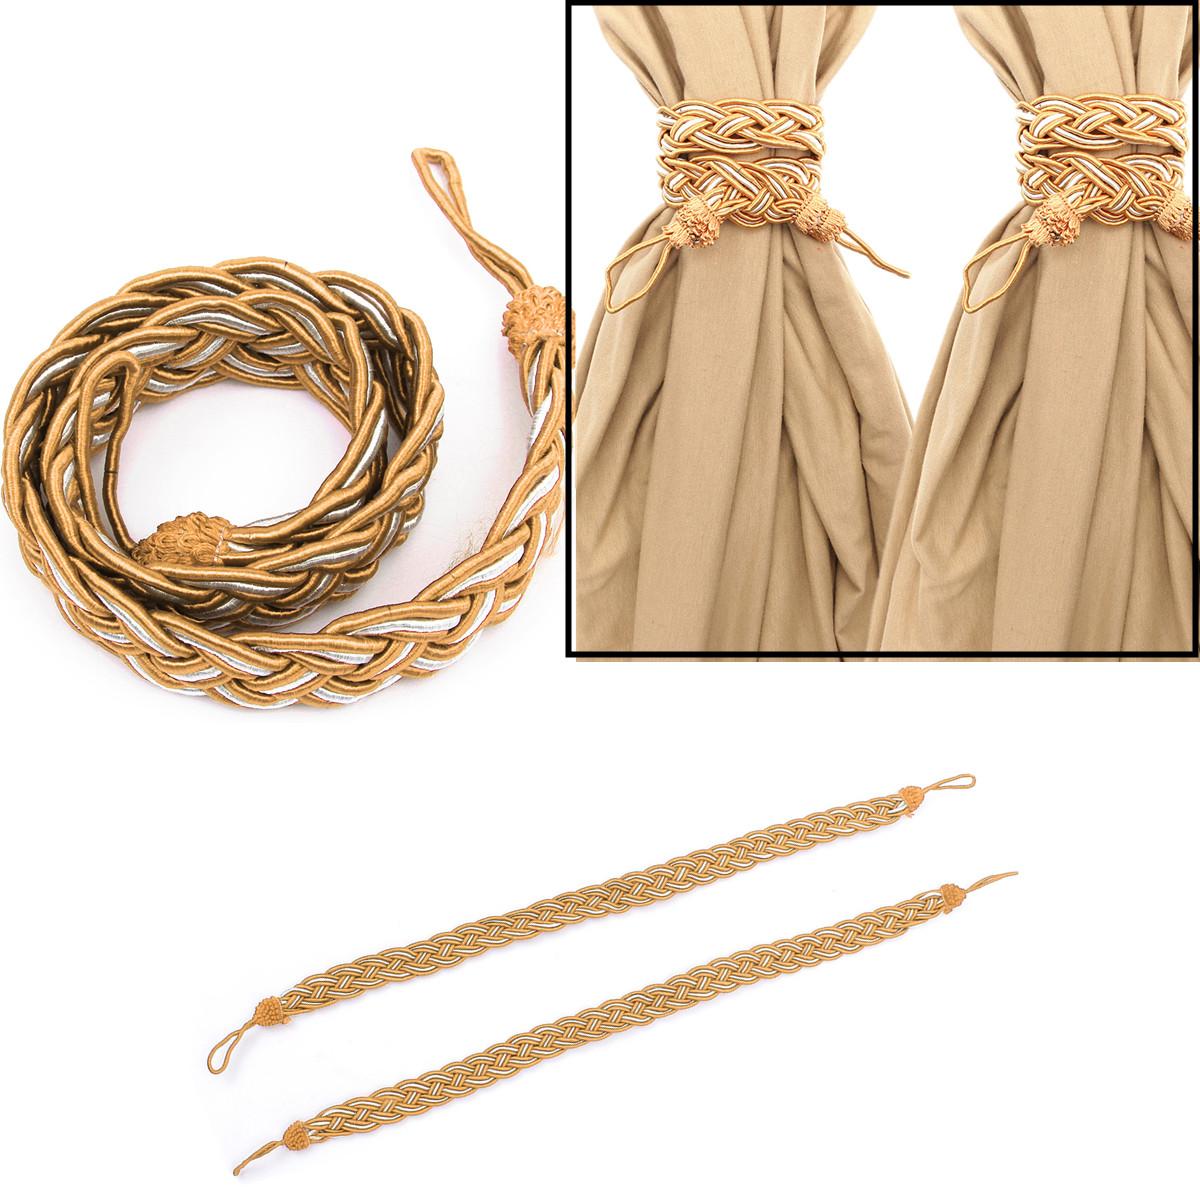 1 paire embrasse attache corde rideau pompon frang pr maison chambre decoration ebay. Black Bedroom Furniture Sets. Home Design Ideas